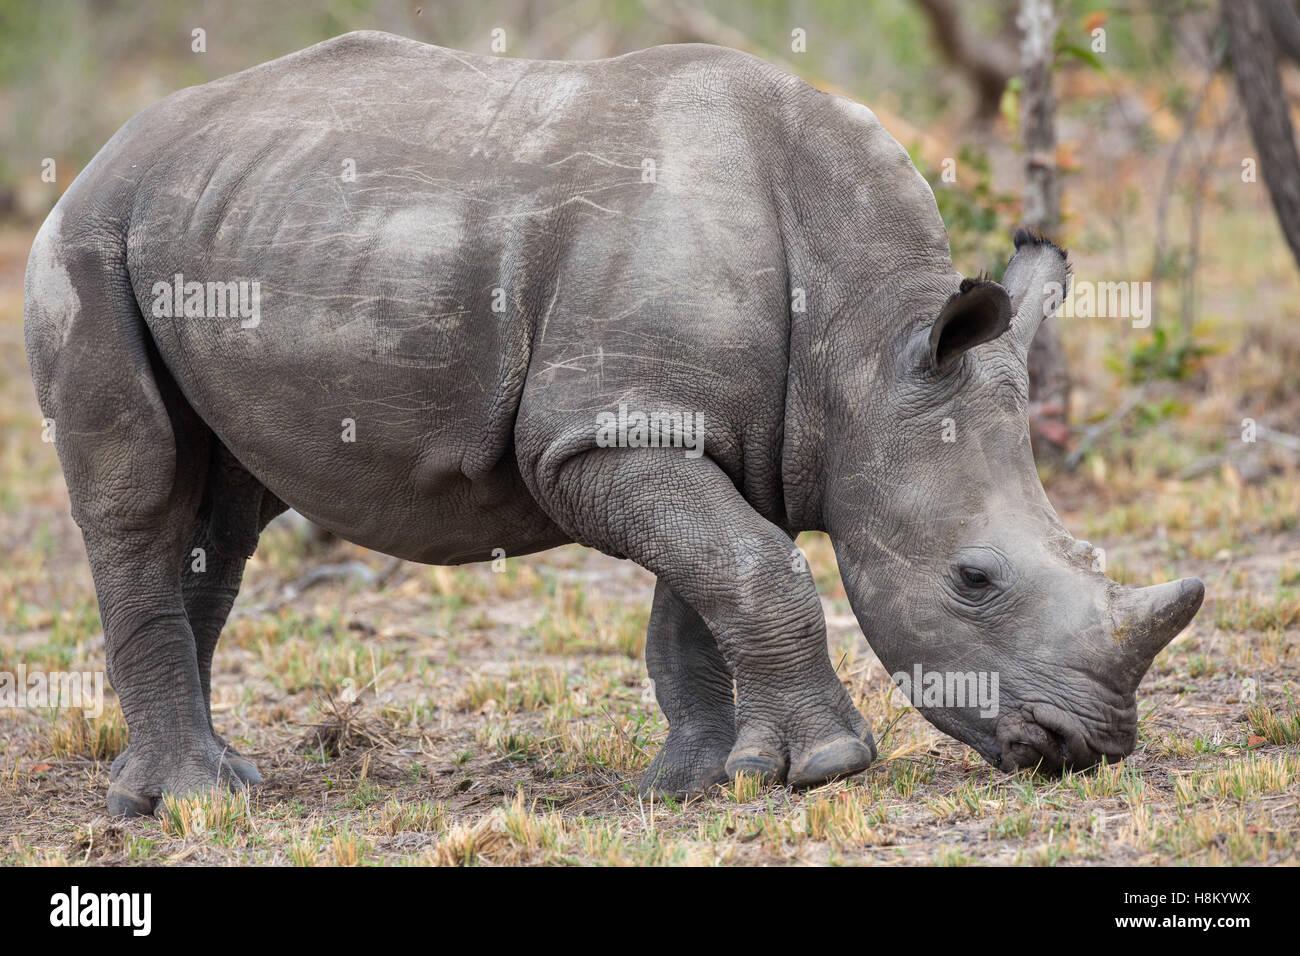 Baby white rhino (Ceratotherium simum) grazing - Stock Image